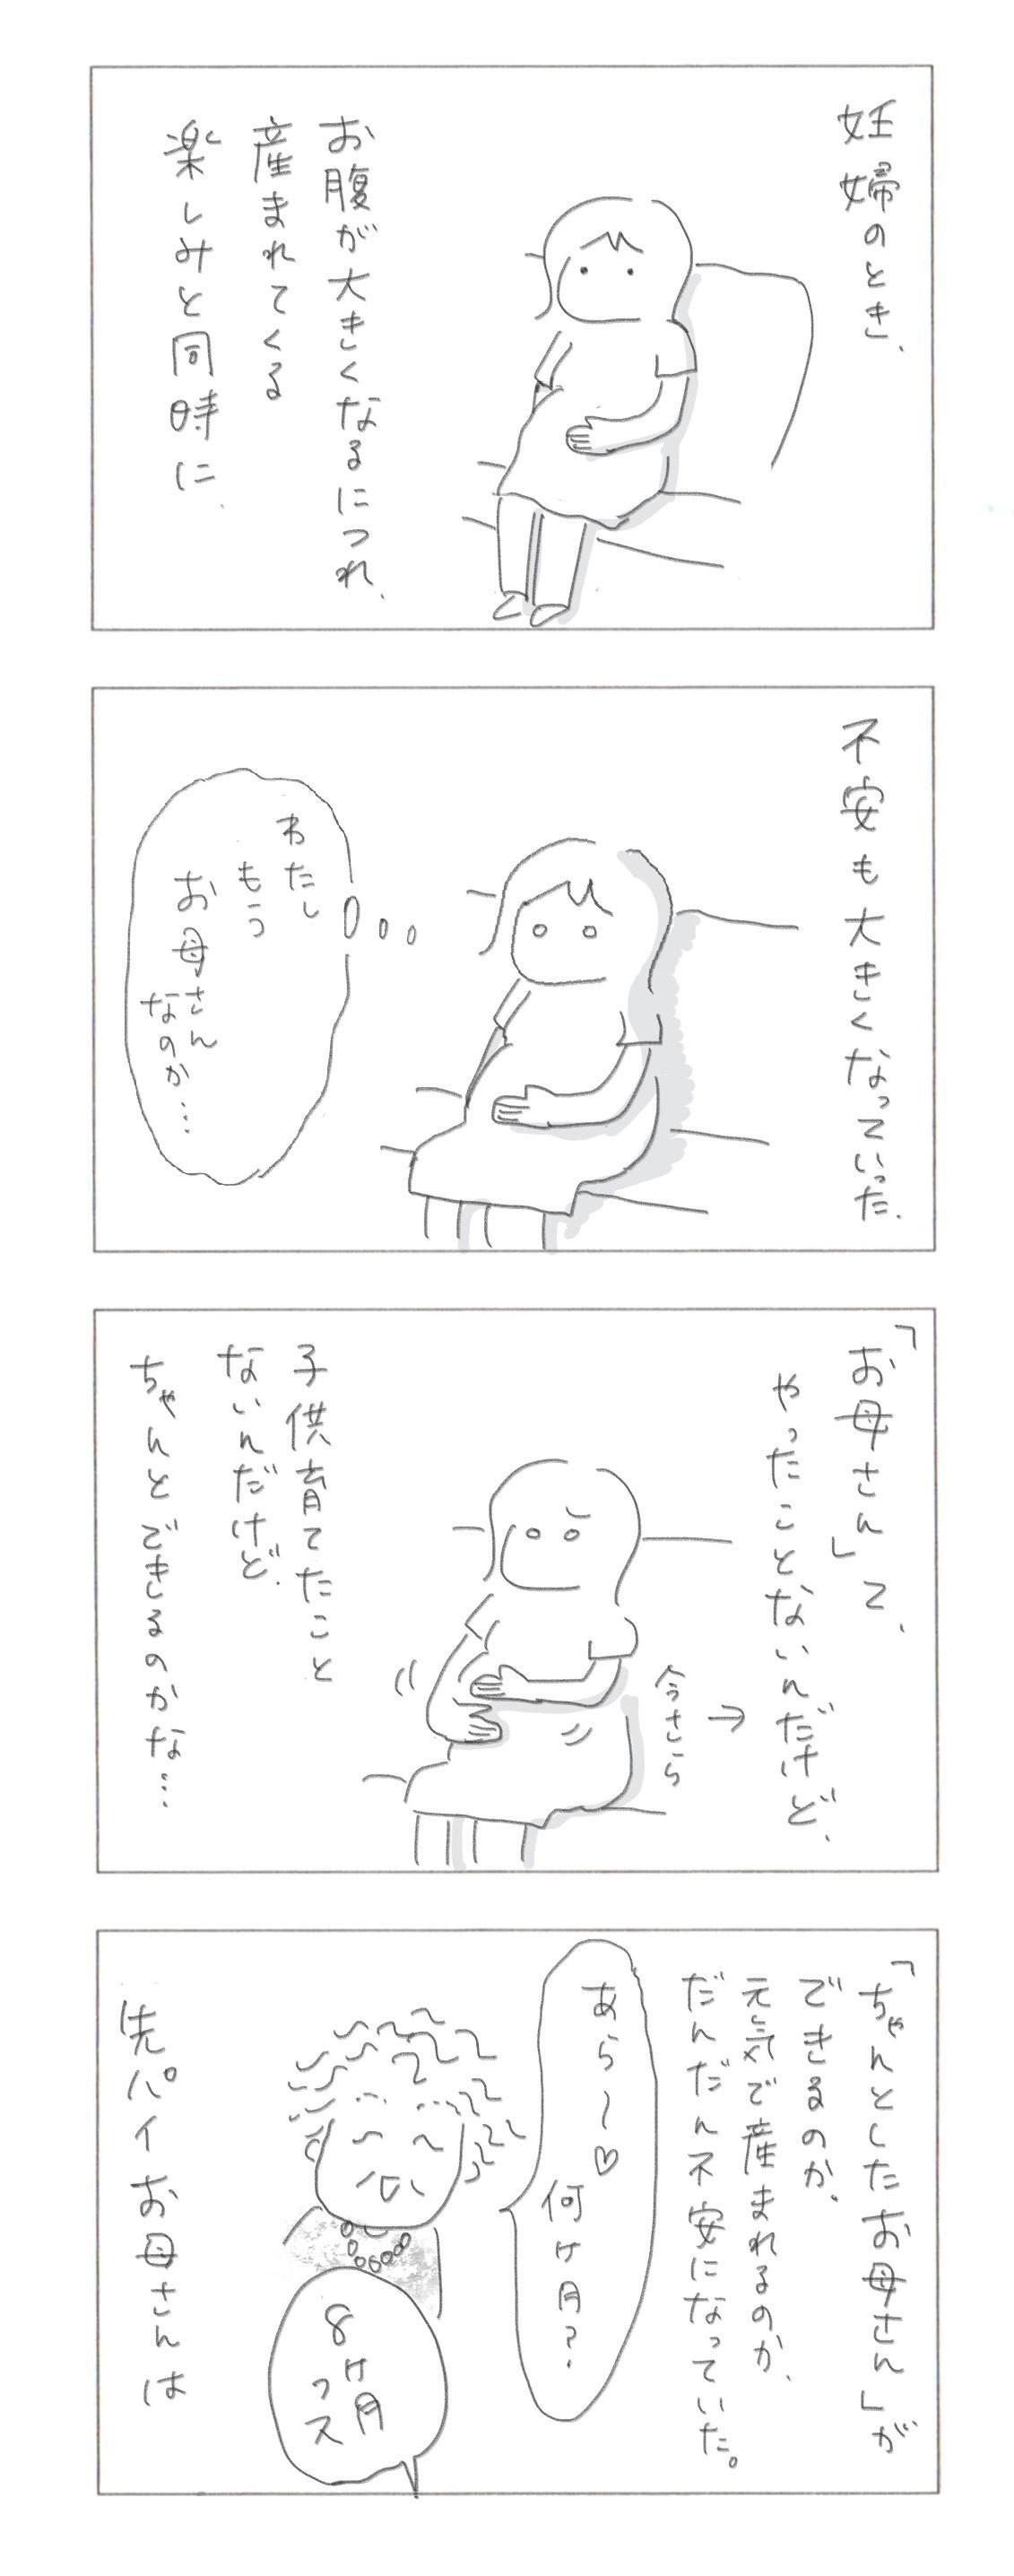 エッセイ漫画_待つ1-